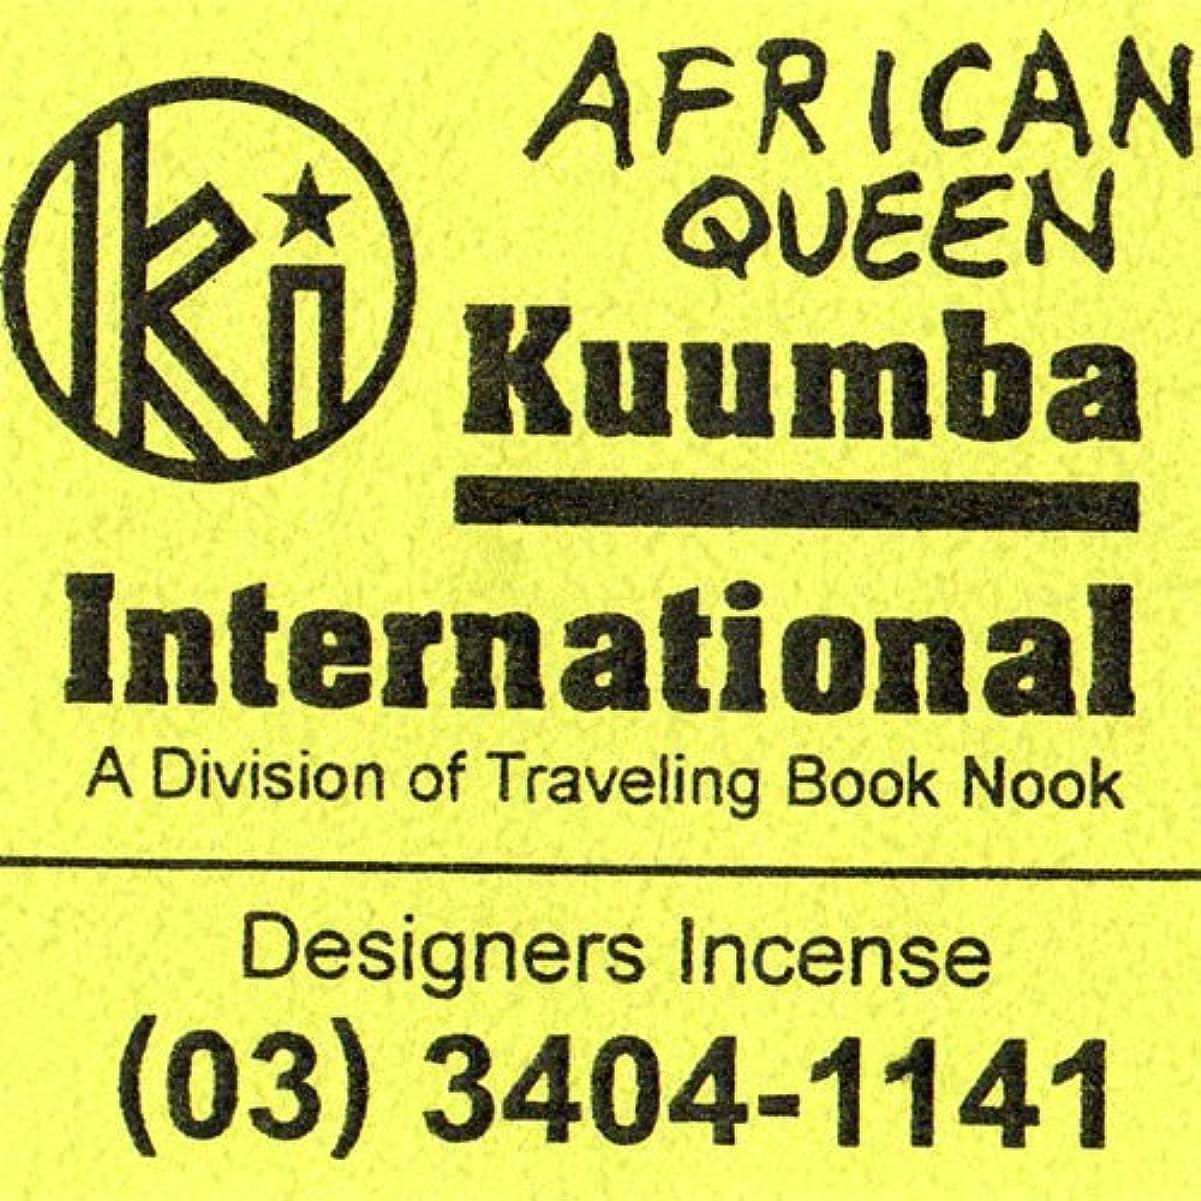 津波警告する懸念(クンバ) KUUMBA『incense』(AFRICAN QUEEN) (Regular size)